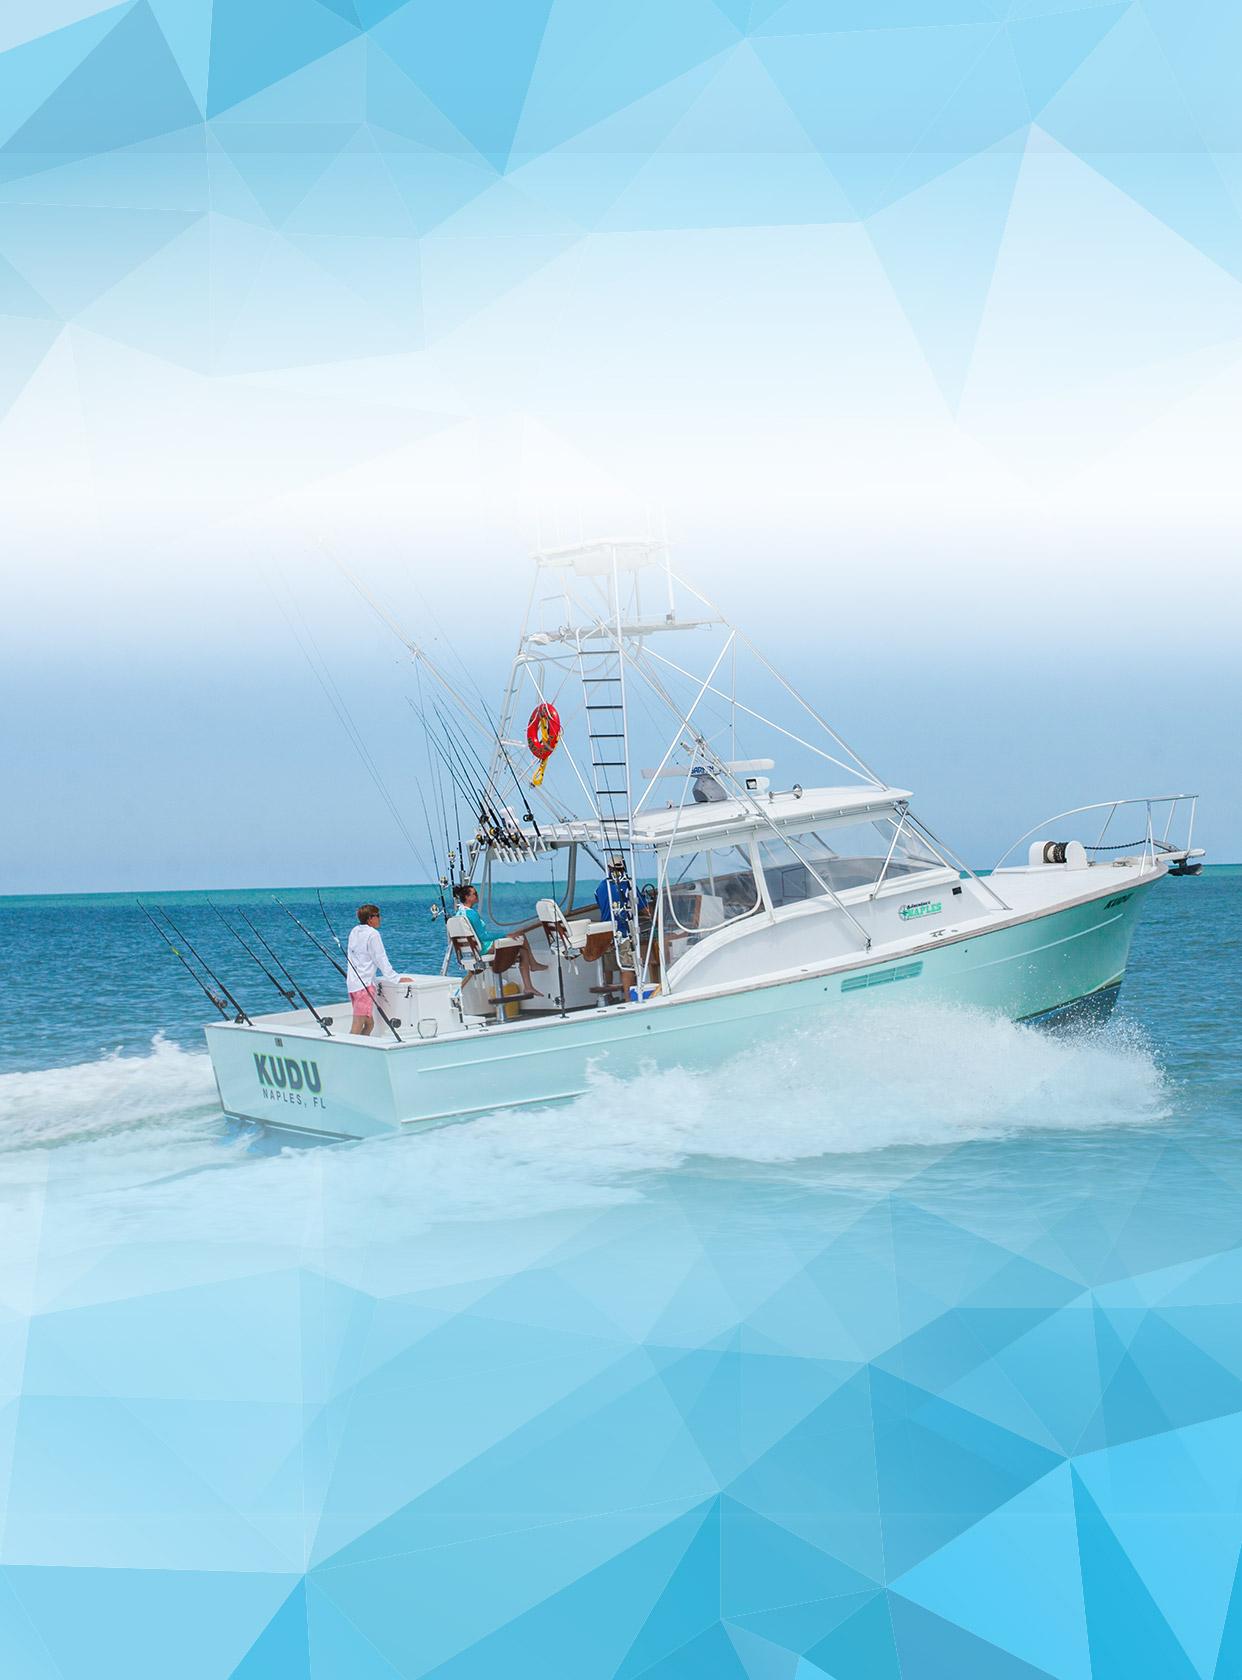 Pure Florida | Naples, Ft Myers Cruises, JetSki, Fishing